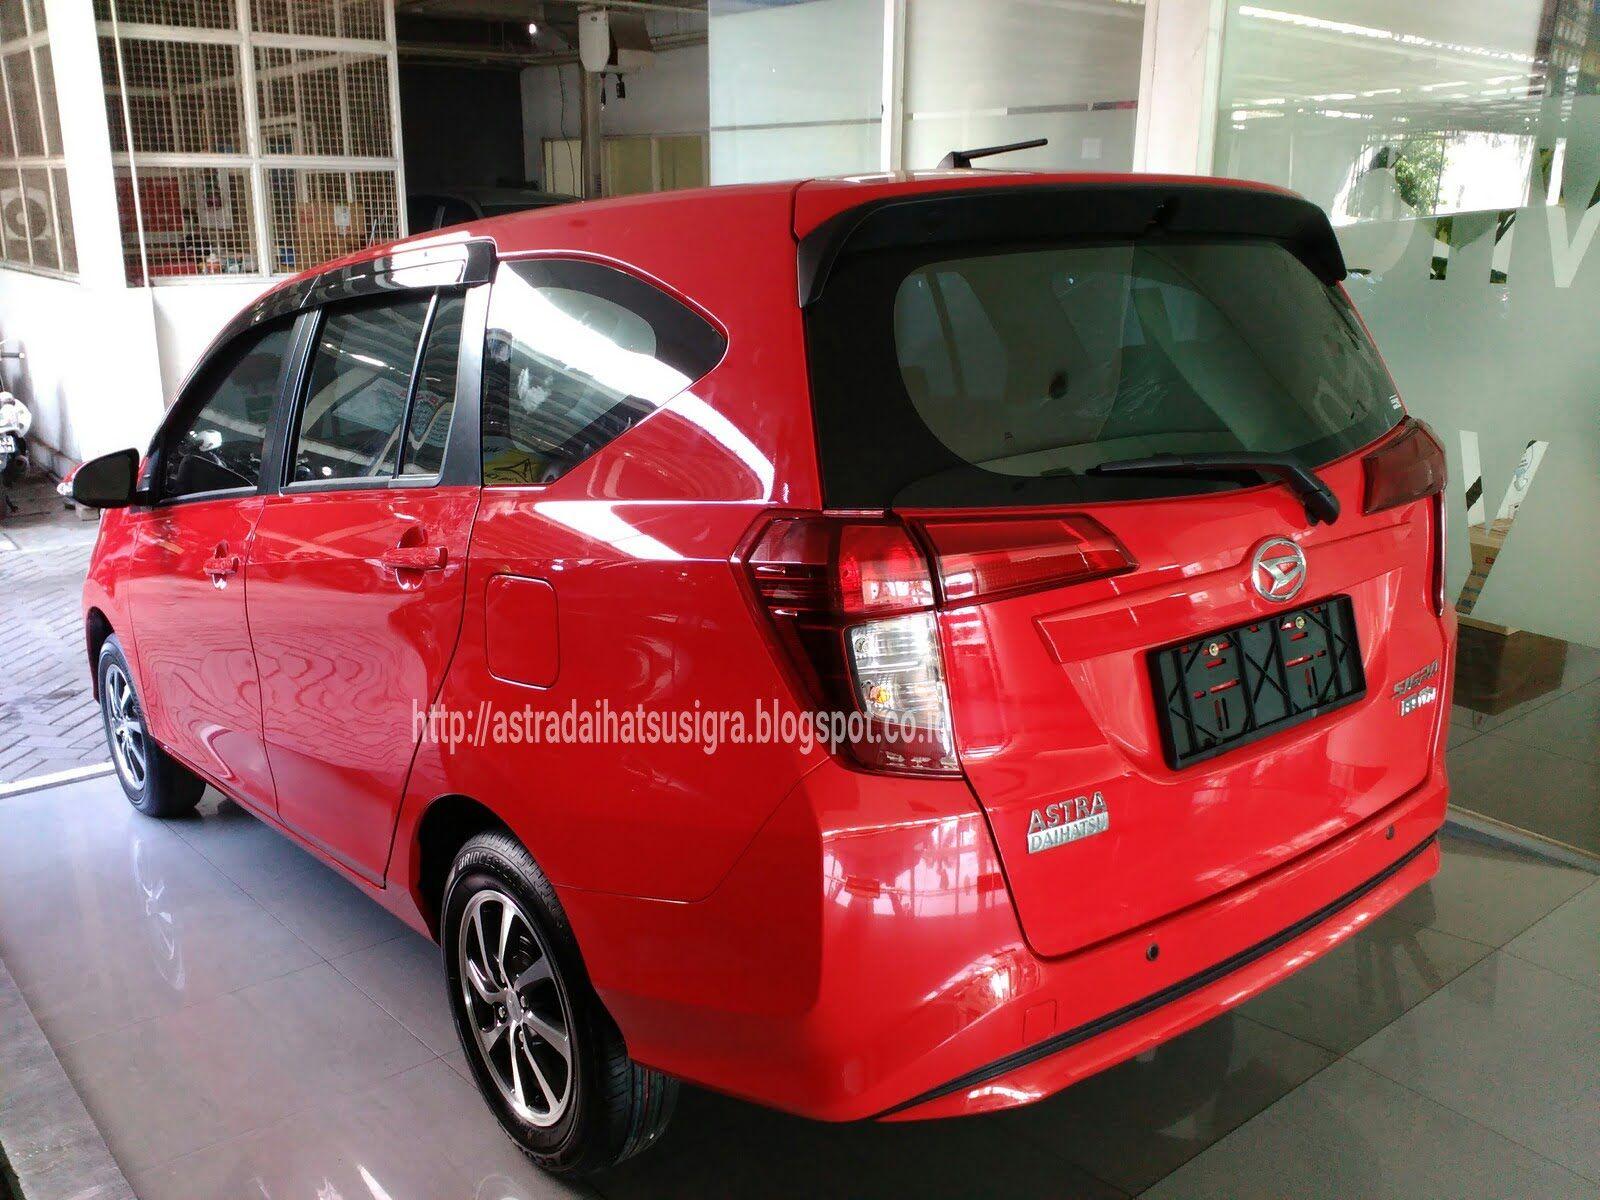 Modifikasi Mobil Sigra Warna Merah Modifikasi Mobil Daihatsu Mobil